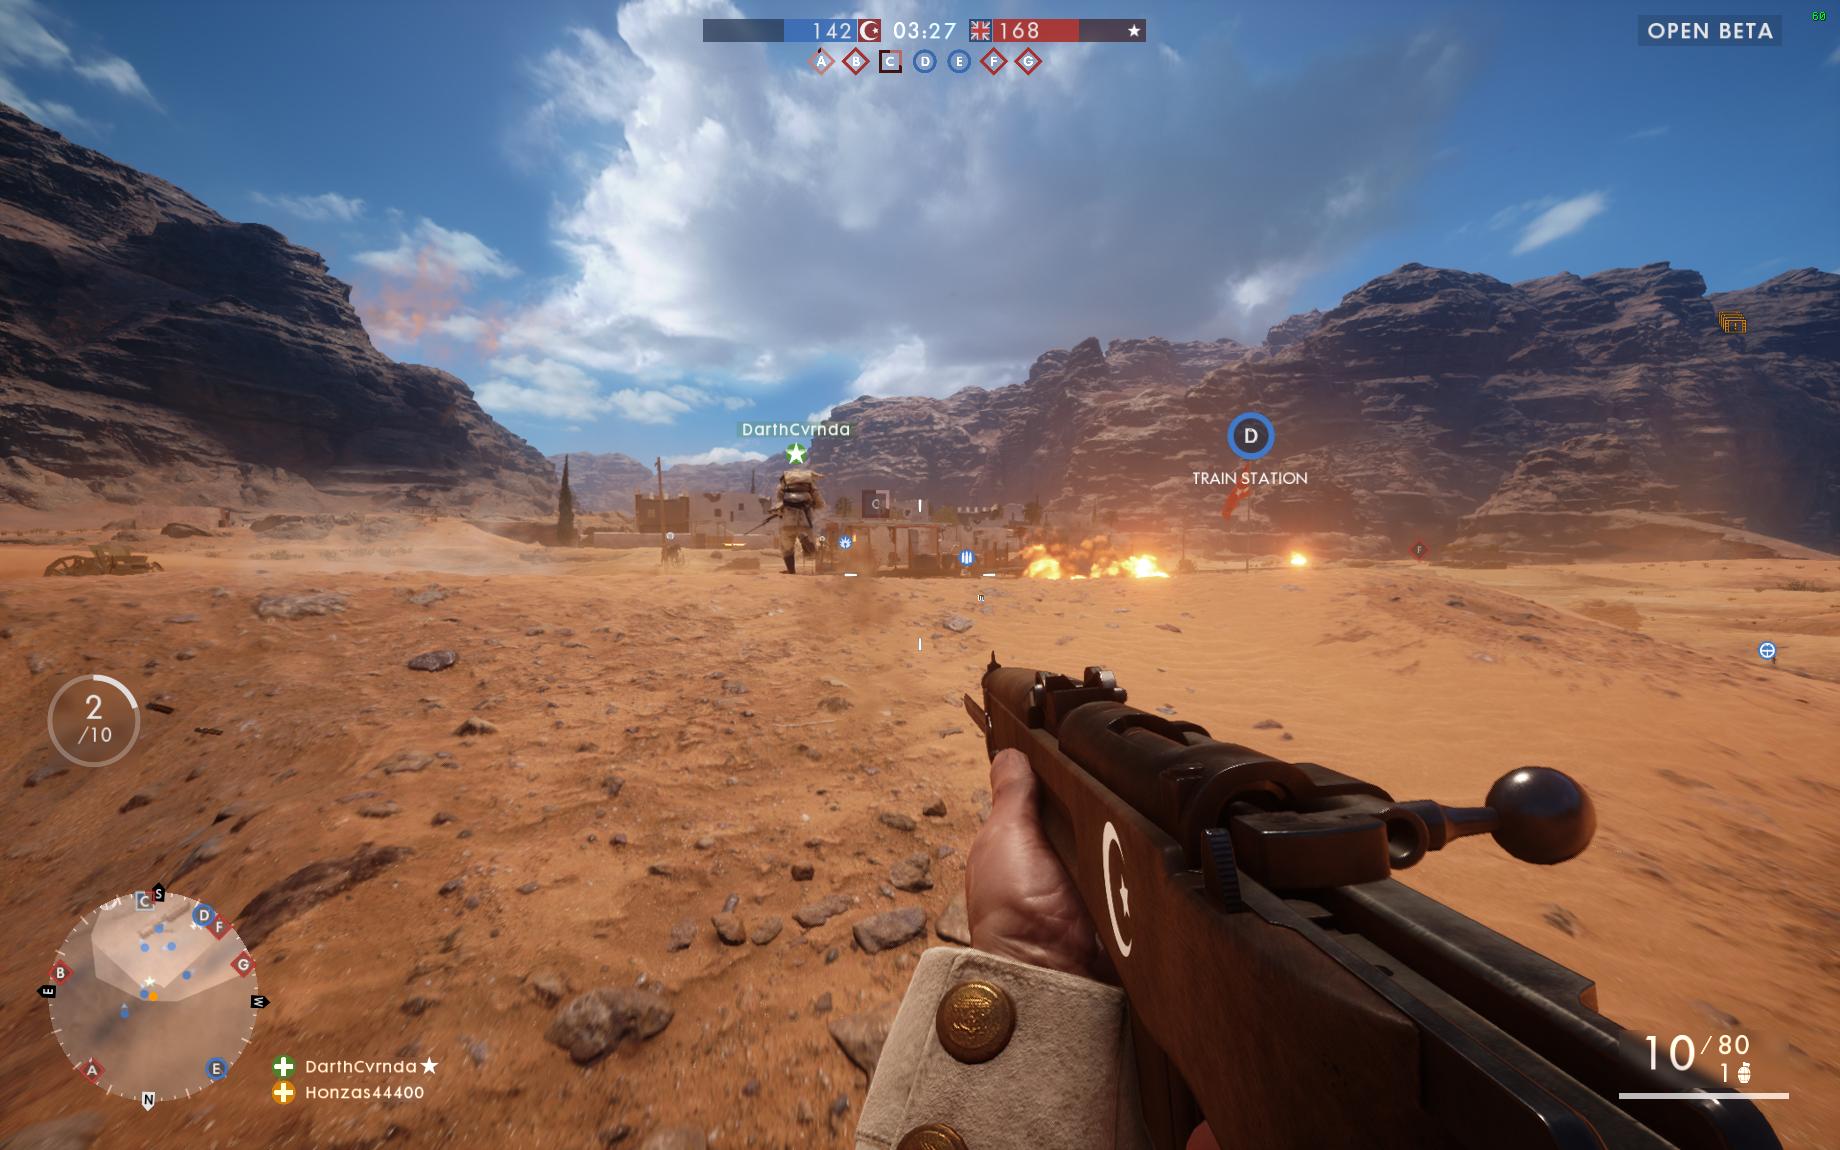 Dojmy z hraní otevřené bety Battlefield 1 129849